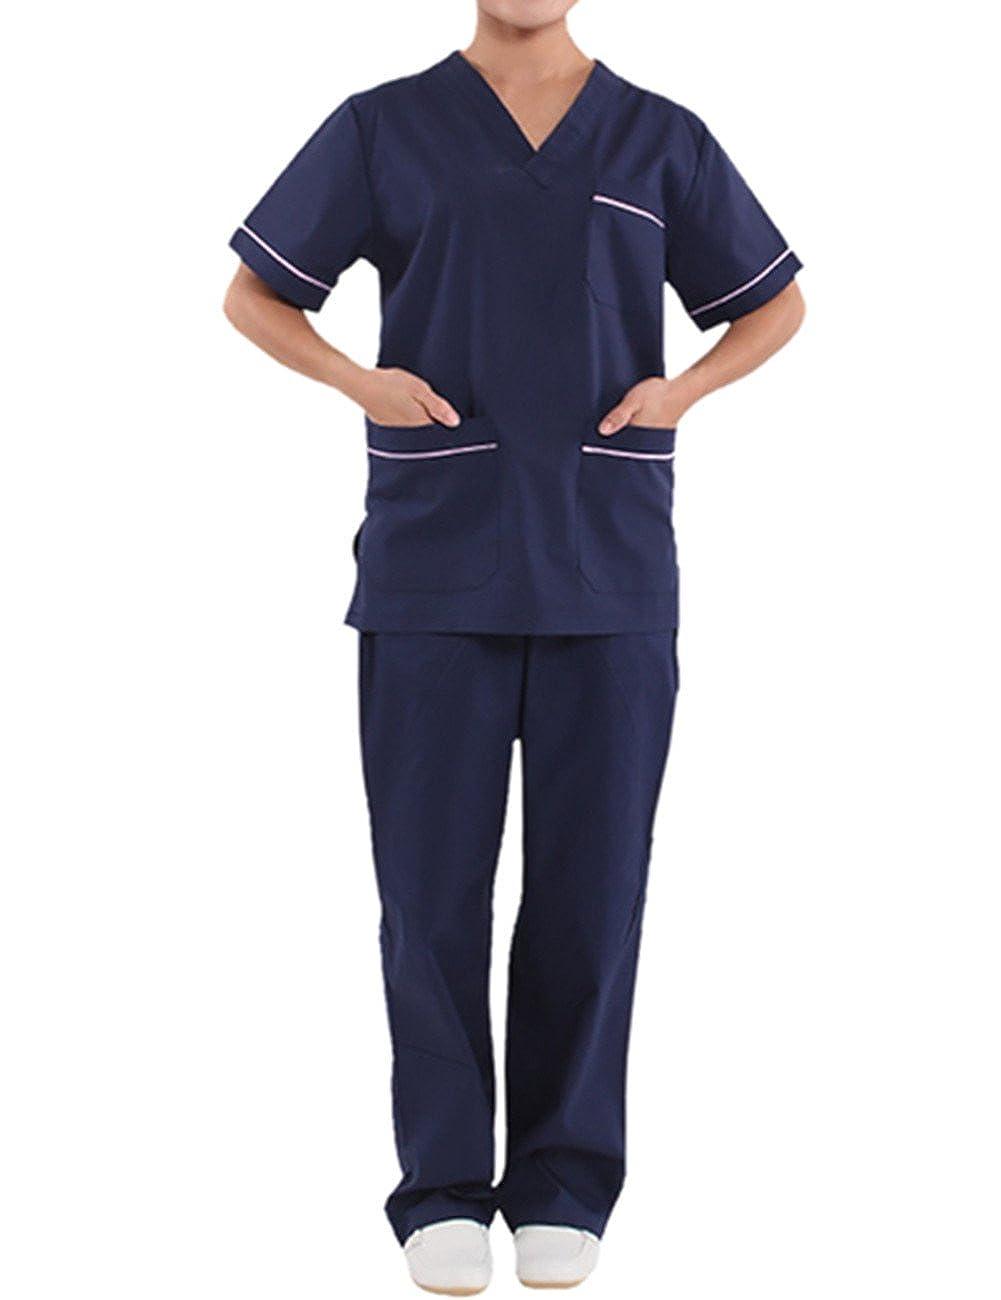 THEE Uniforme Médico Ropa Quirúrgica Bata Médico Laboratorio Enfermera Sanitaria Unisex: Amazon.es: Ropa y accesorios